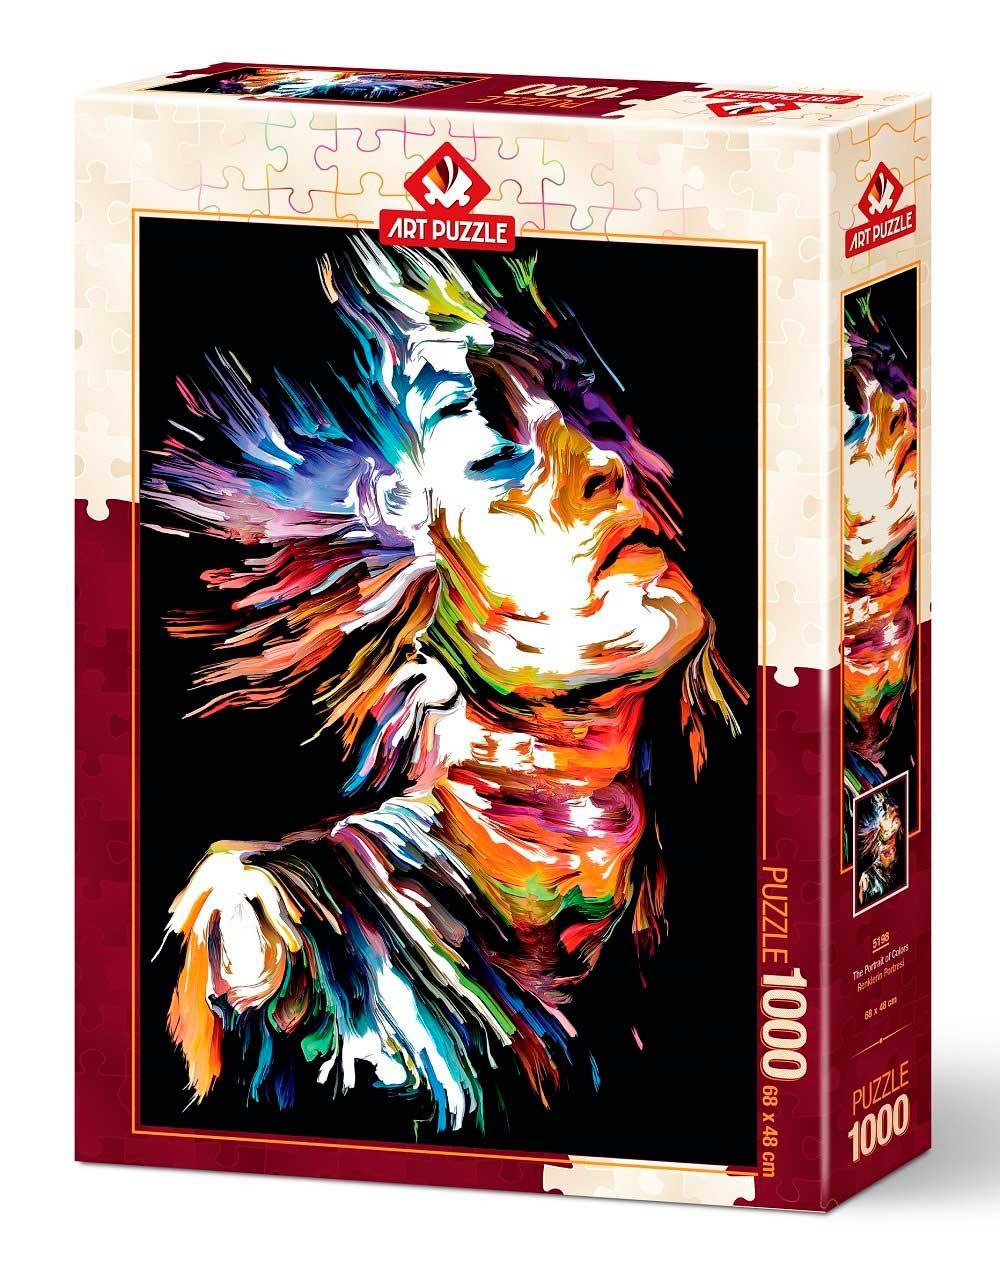 Puzzle Art Puzzle Retrato de Colores de 1000 Piezas